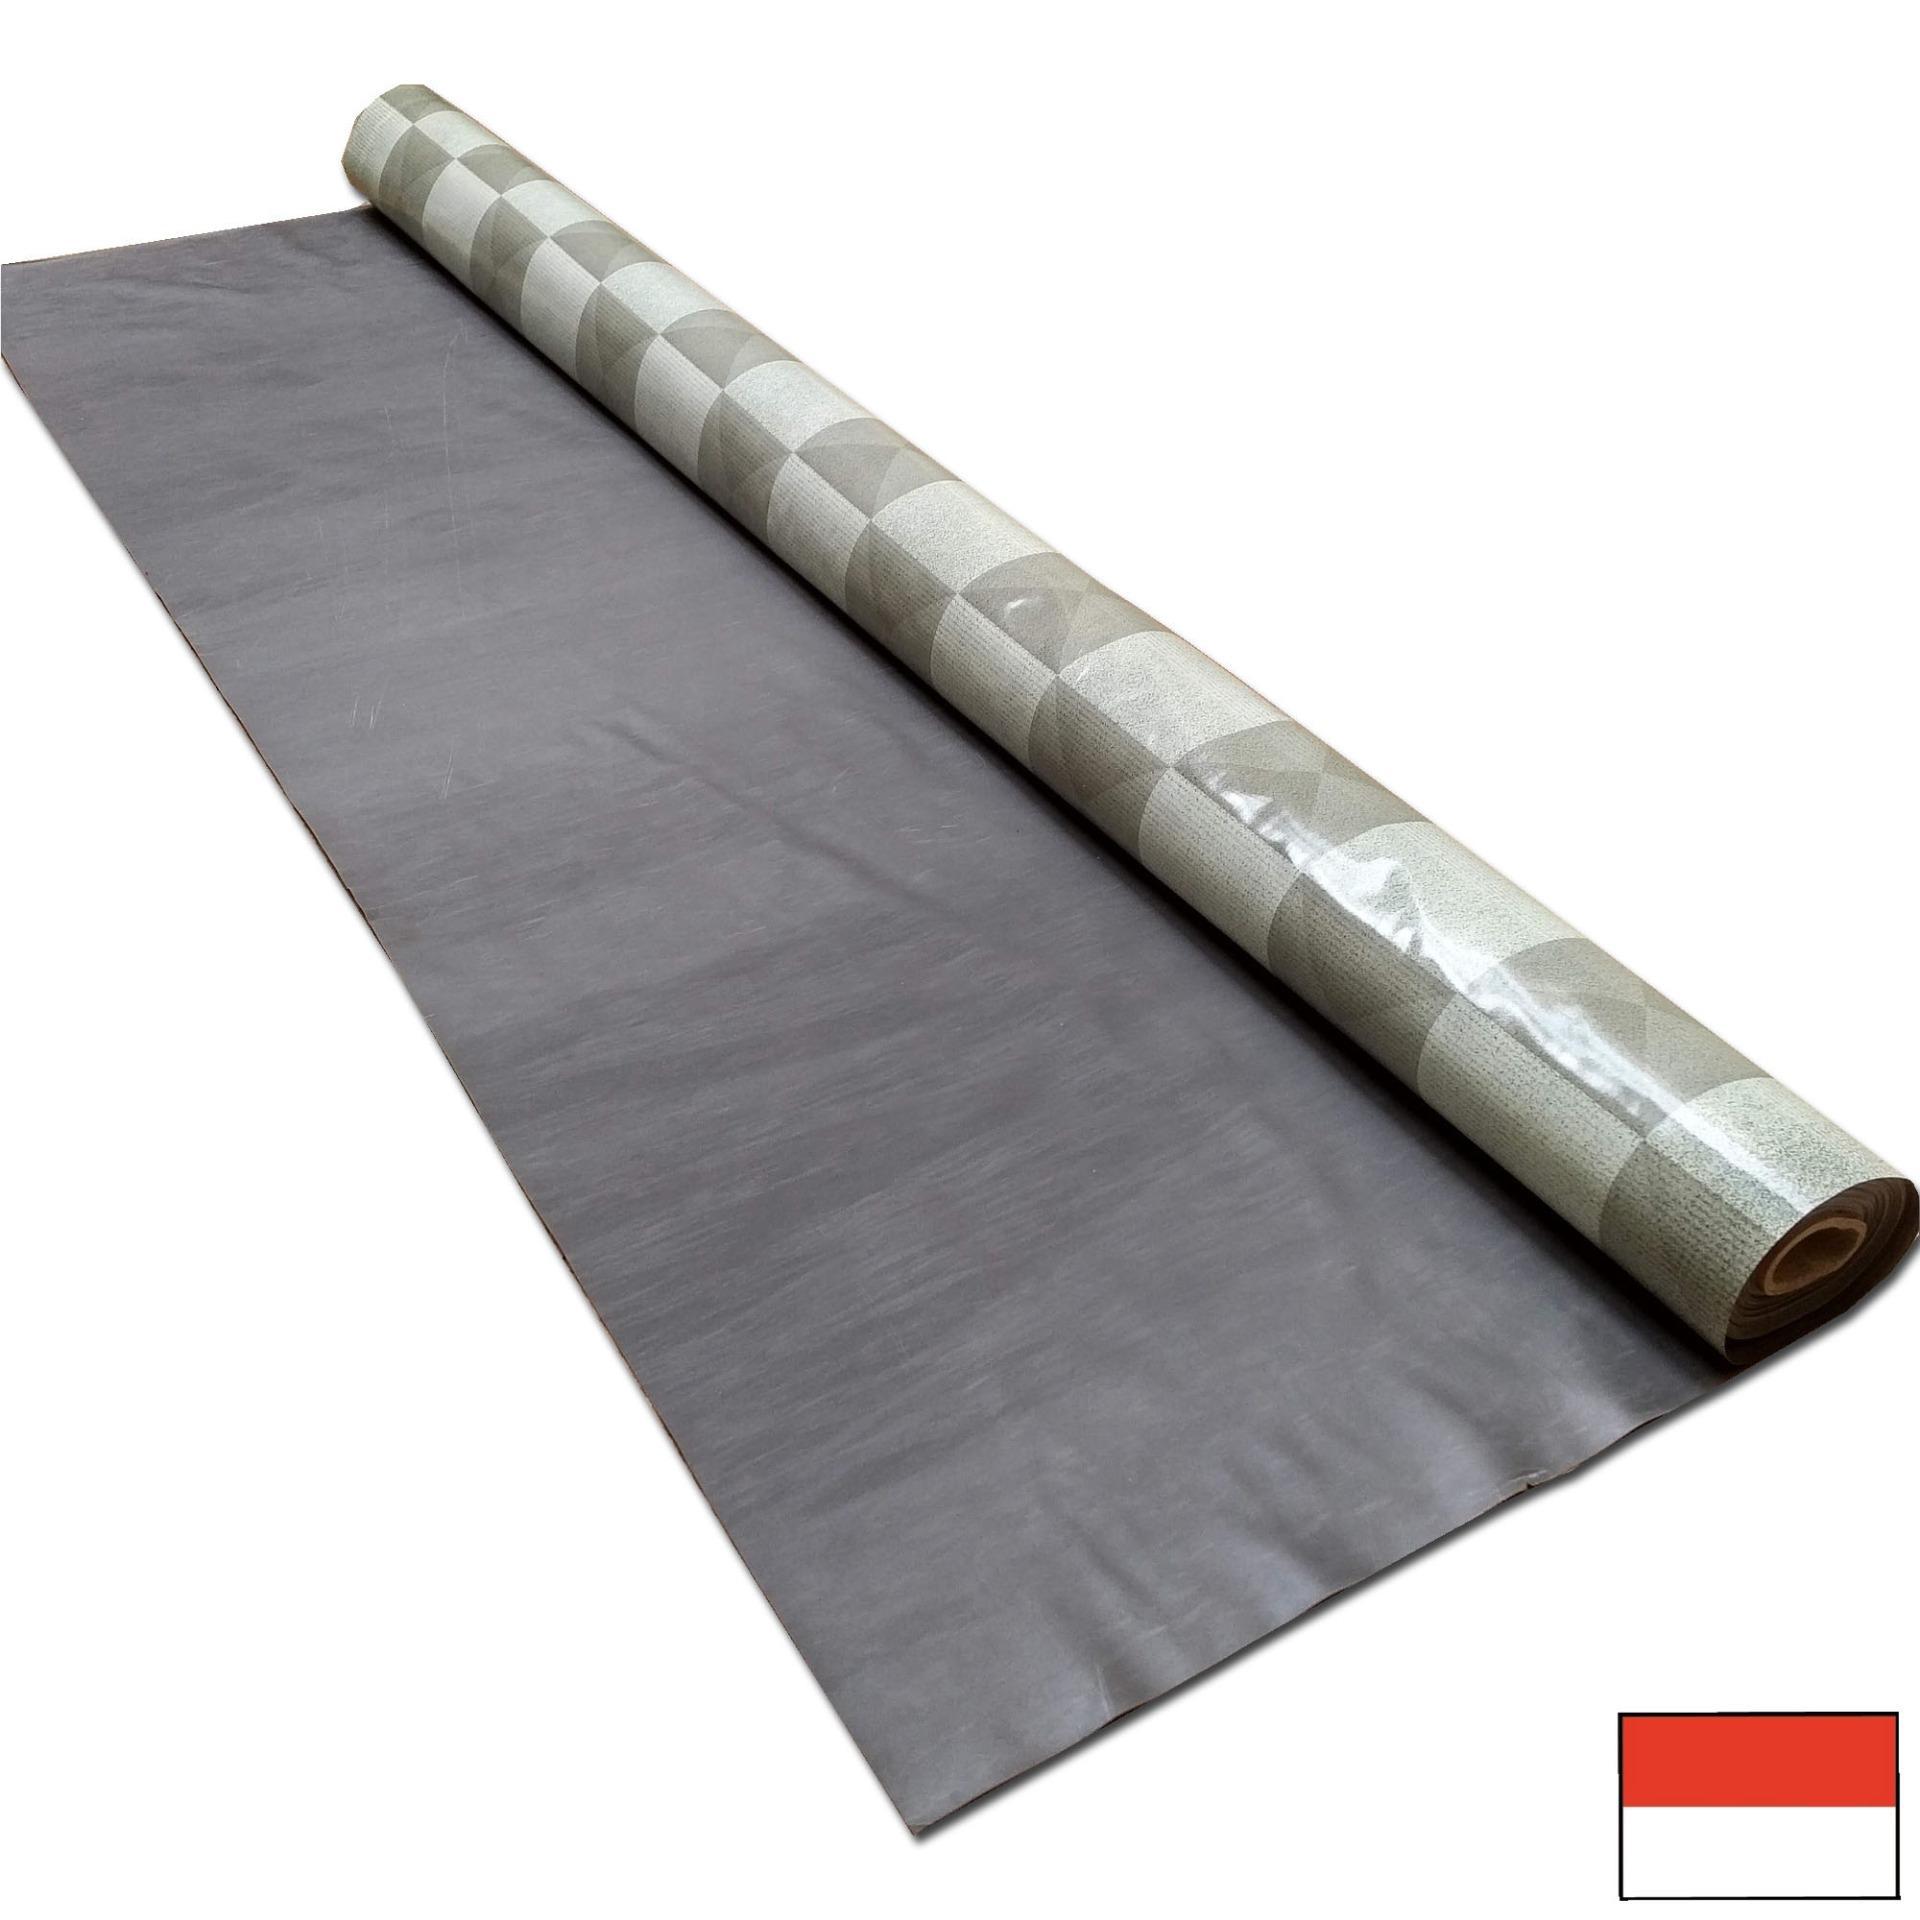 Tren-D-home - Karpet Plastik Meteran  / Vinyl Alas Lantai - Meja / Taplak Meja Makan / Meja Ruang Tamu Plastik Meteran Abu Kotak 19604 - NMs